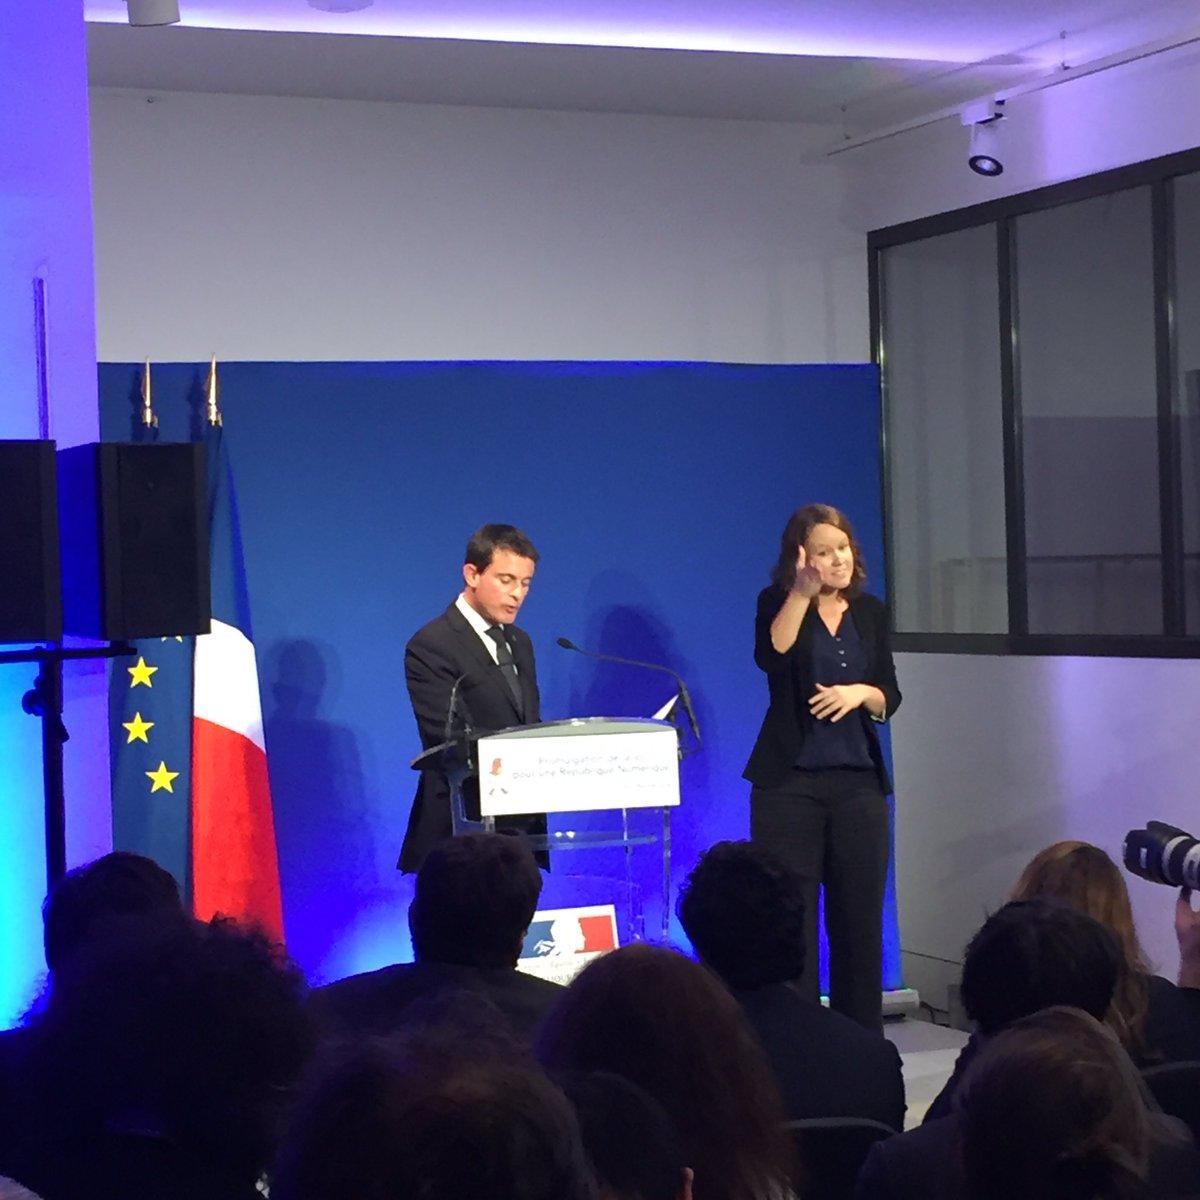 """#LoiNumerique @manuelvalls """"toutes les données produites par l'Etat sont des biens publics"""" #opendata https://t.co/N18Z1sEG2W"""